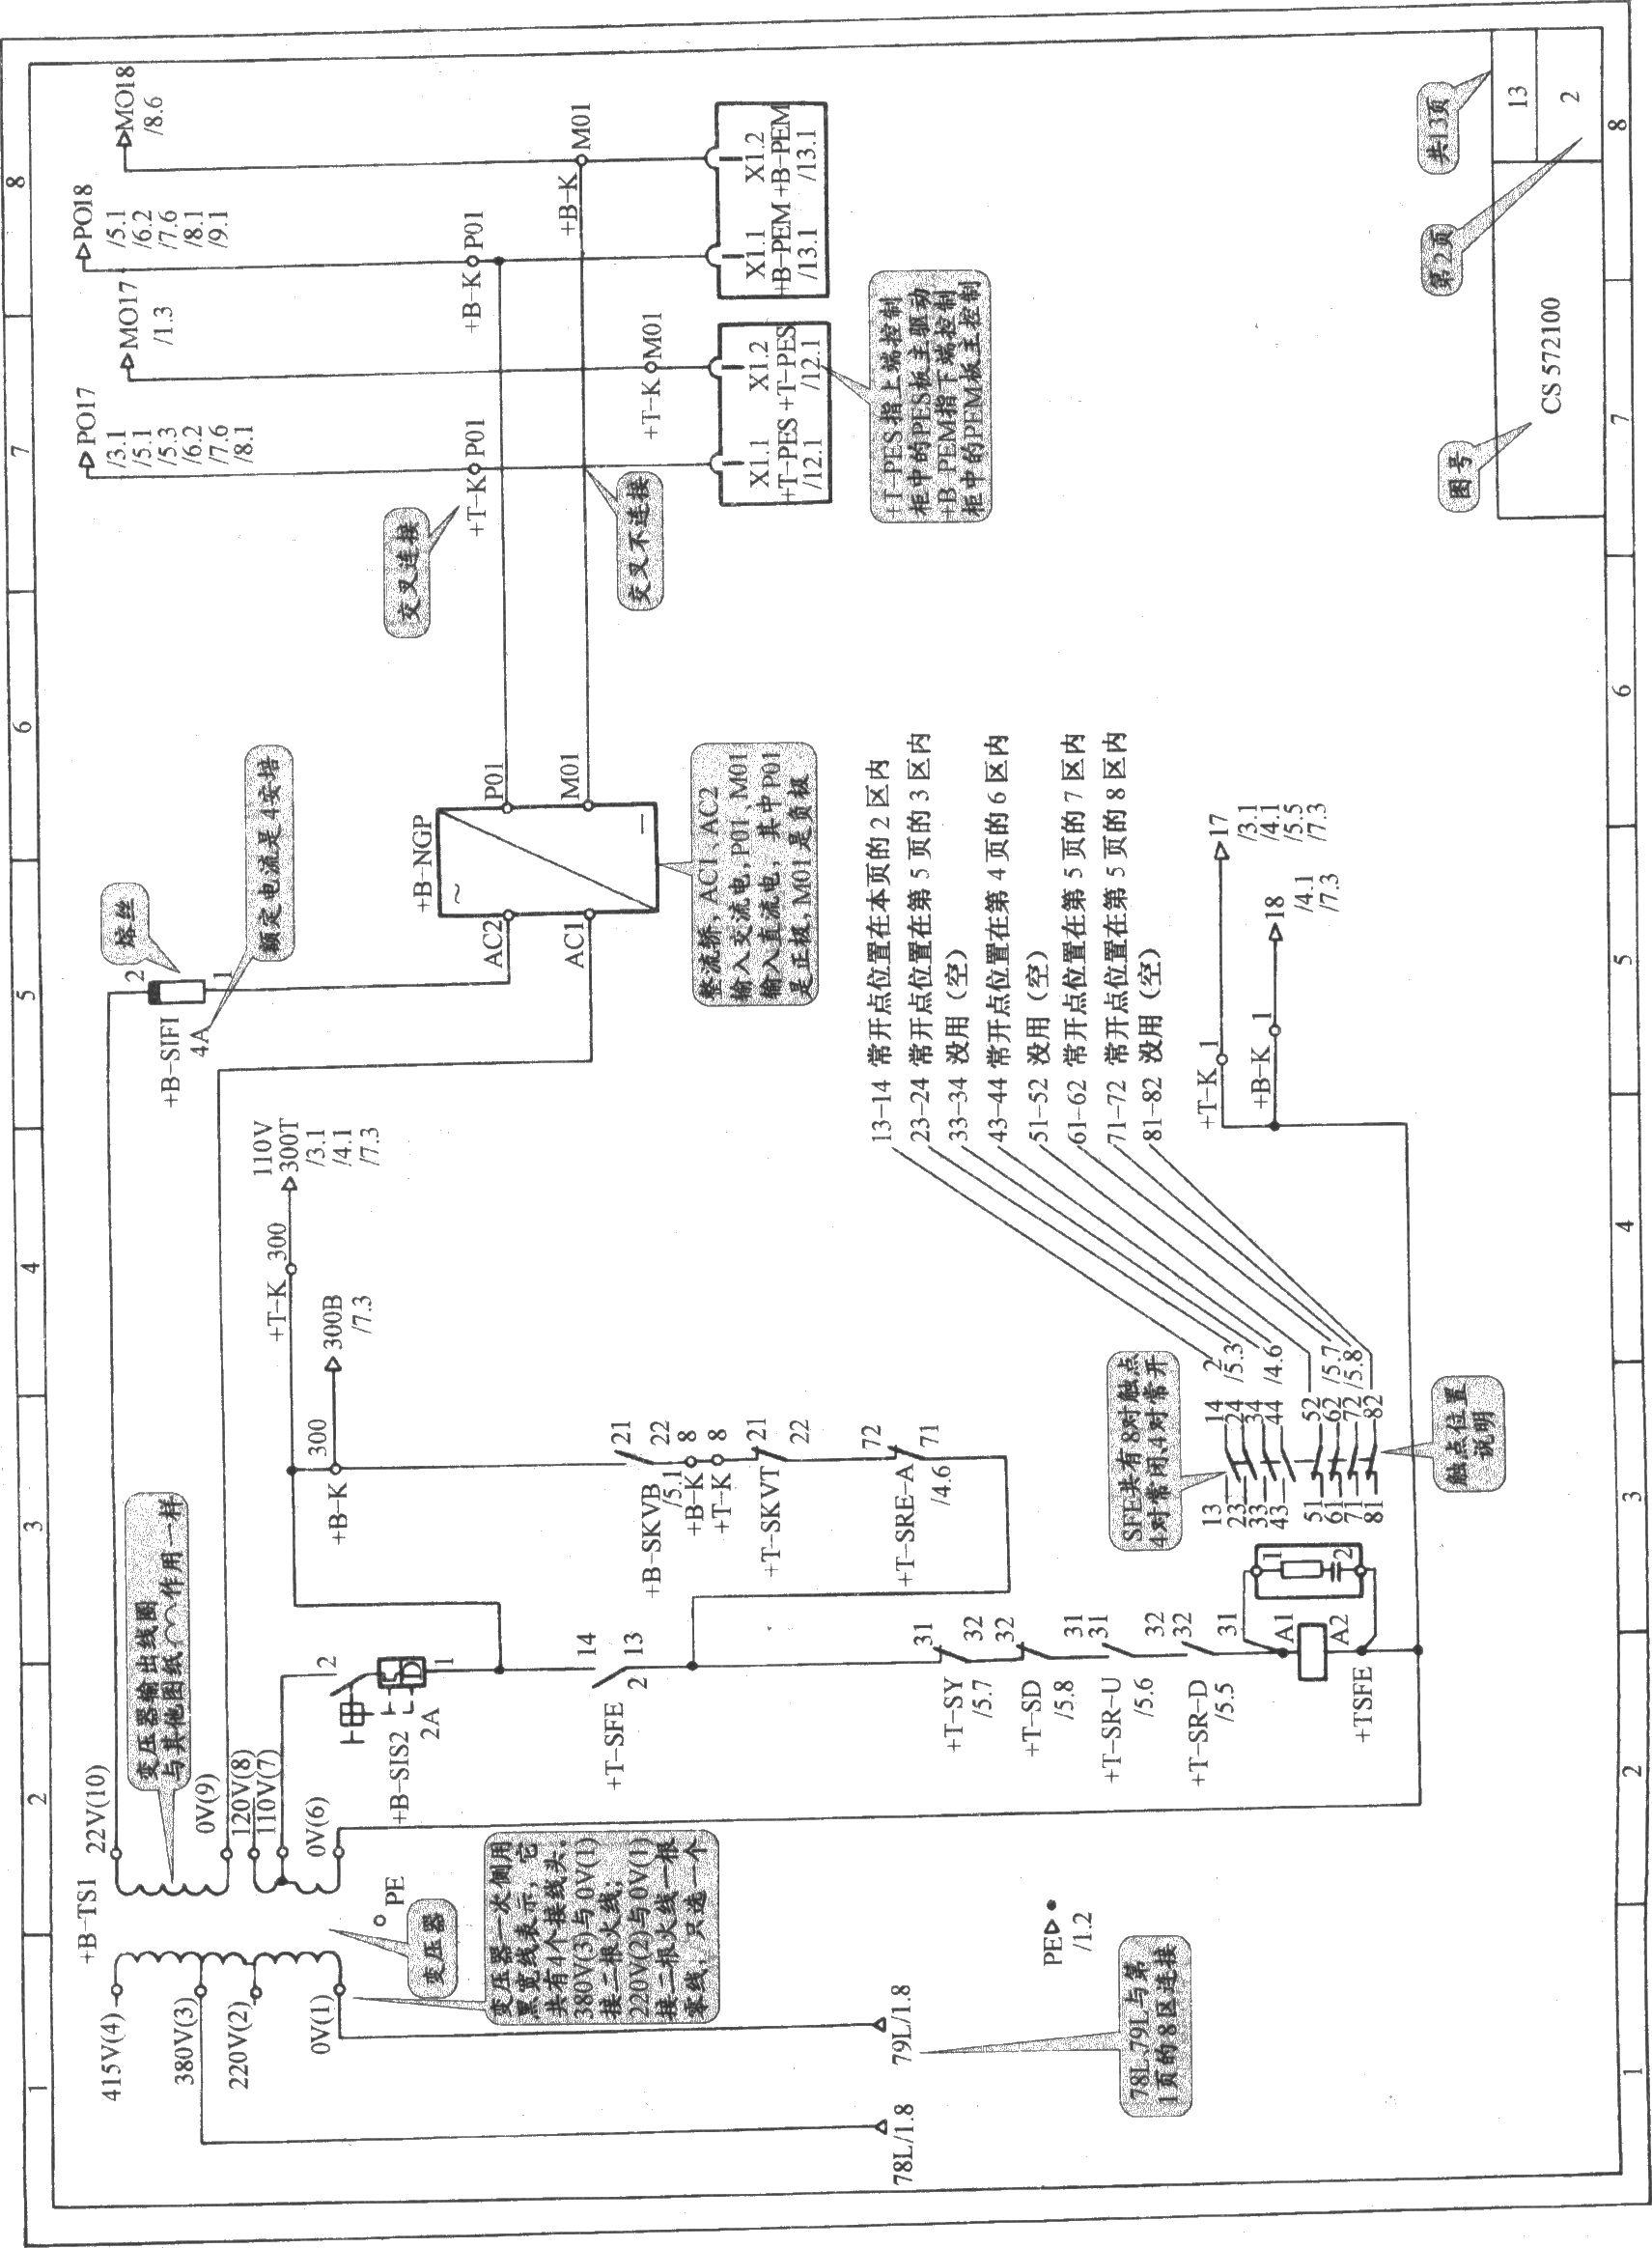 迅达自动扶梯控制电源电路